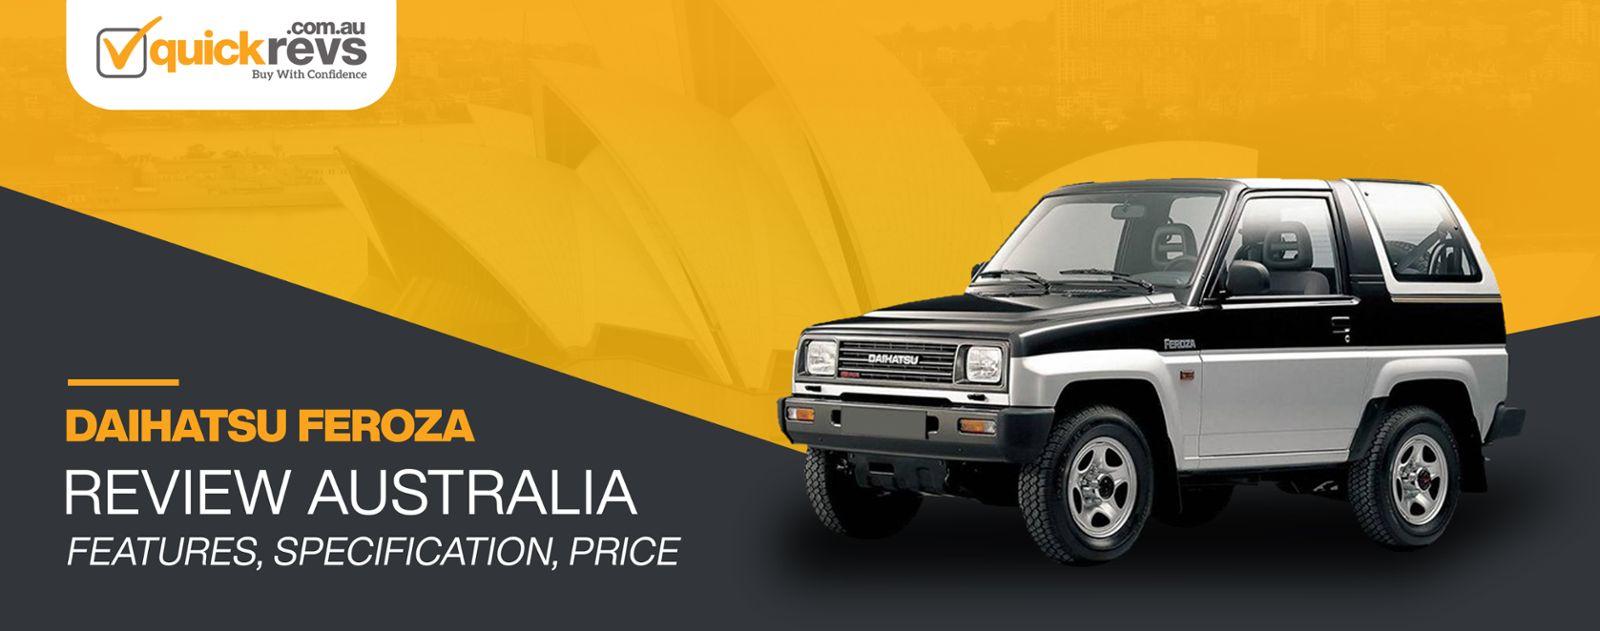 Daihatsu Feroza Review Australia